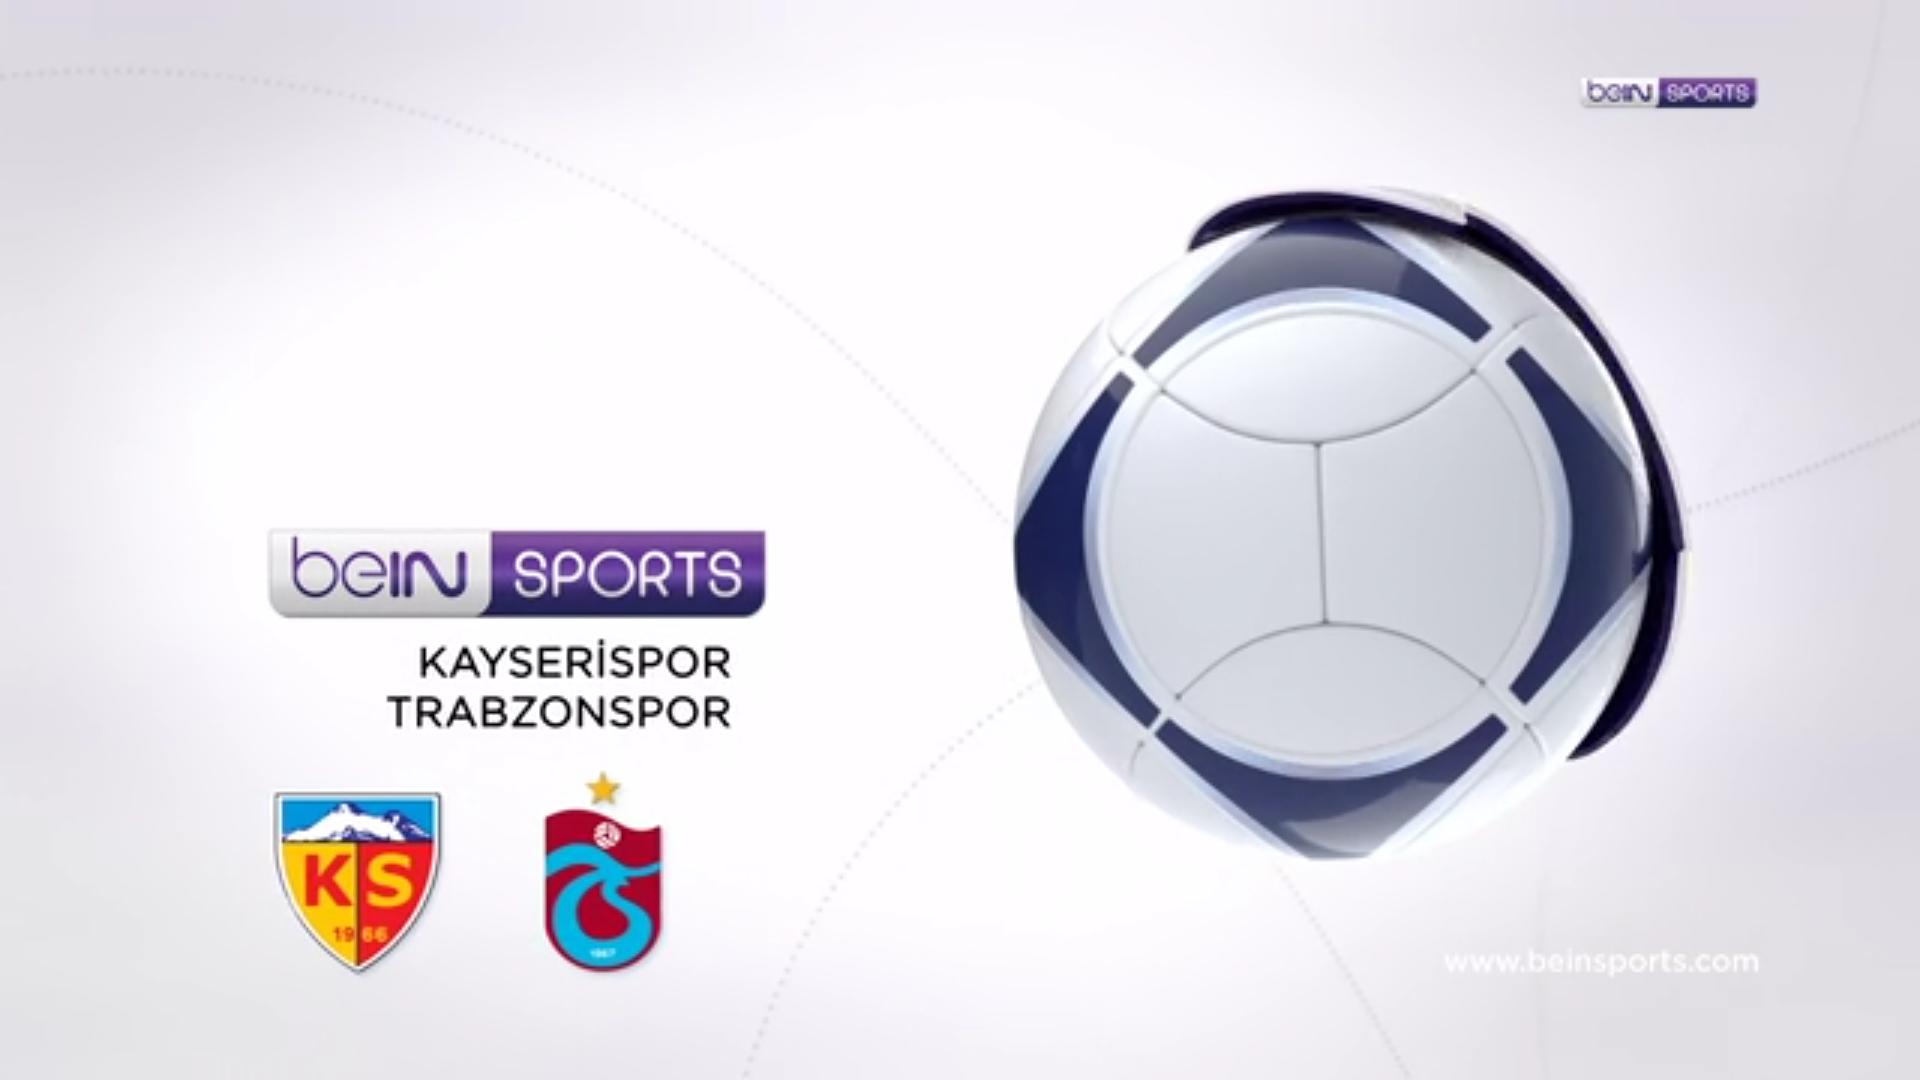 04-11-2017 - Kayserispor 0-0 Trabzonspor